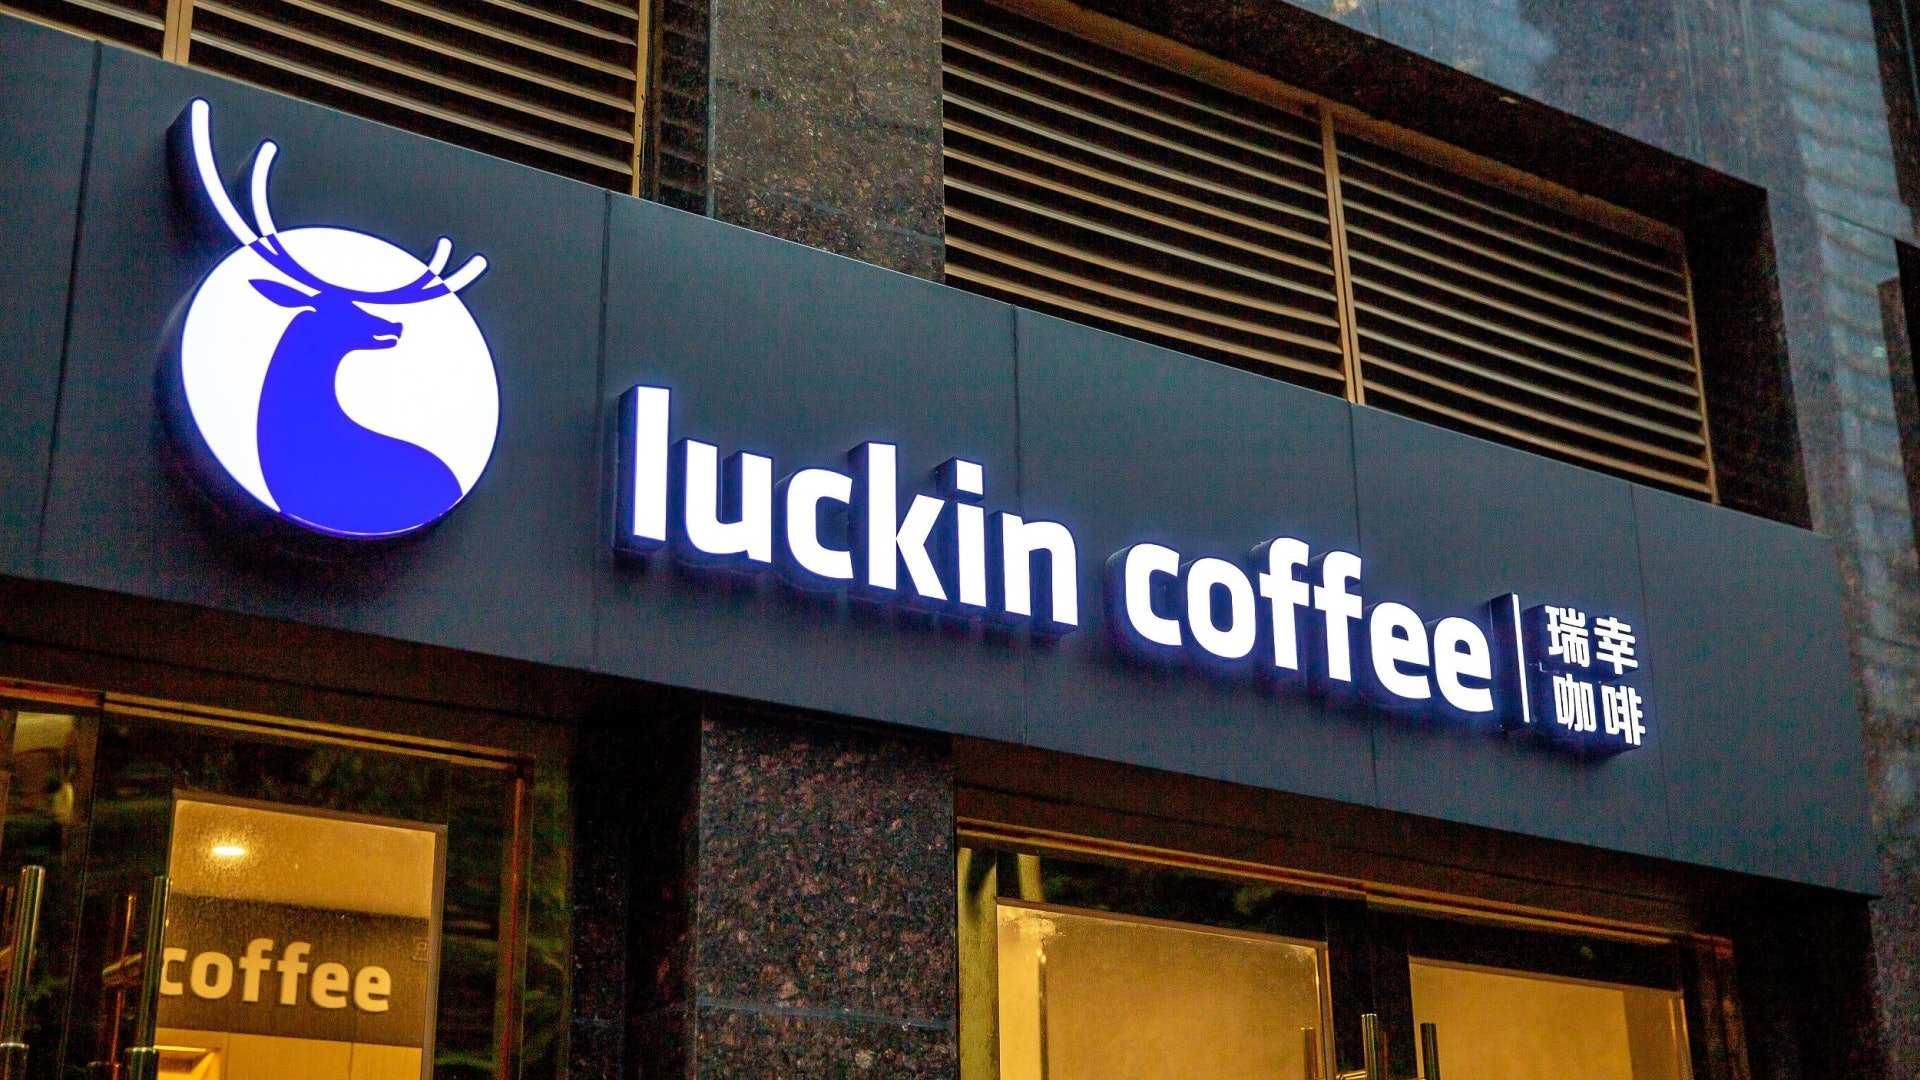 元气满满的瑞幸咖啡,用亿万陷阱埋没了谁?